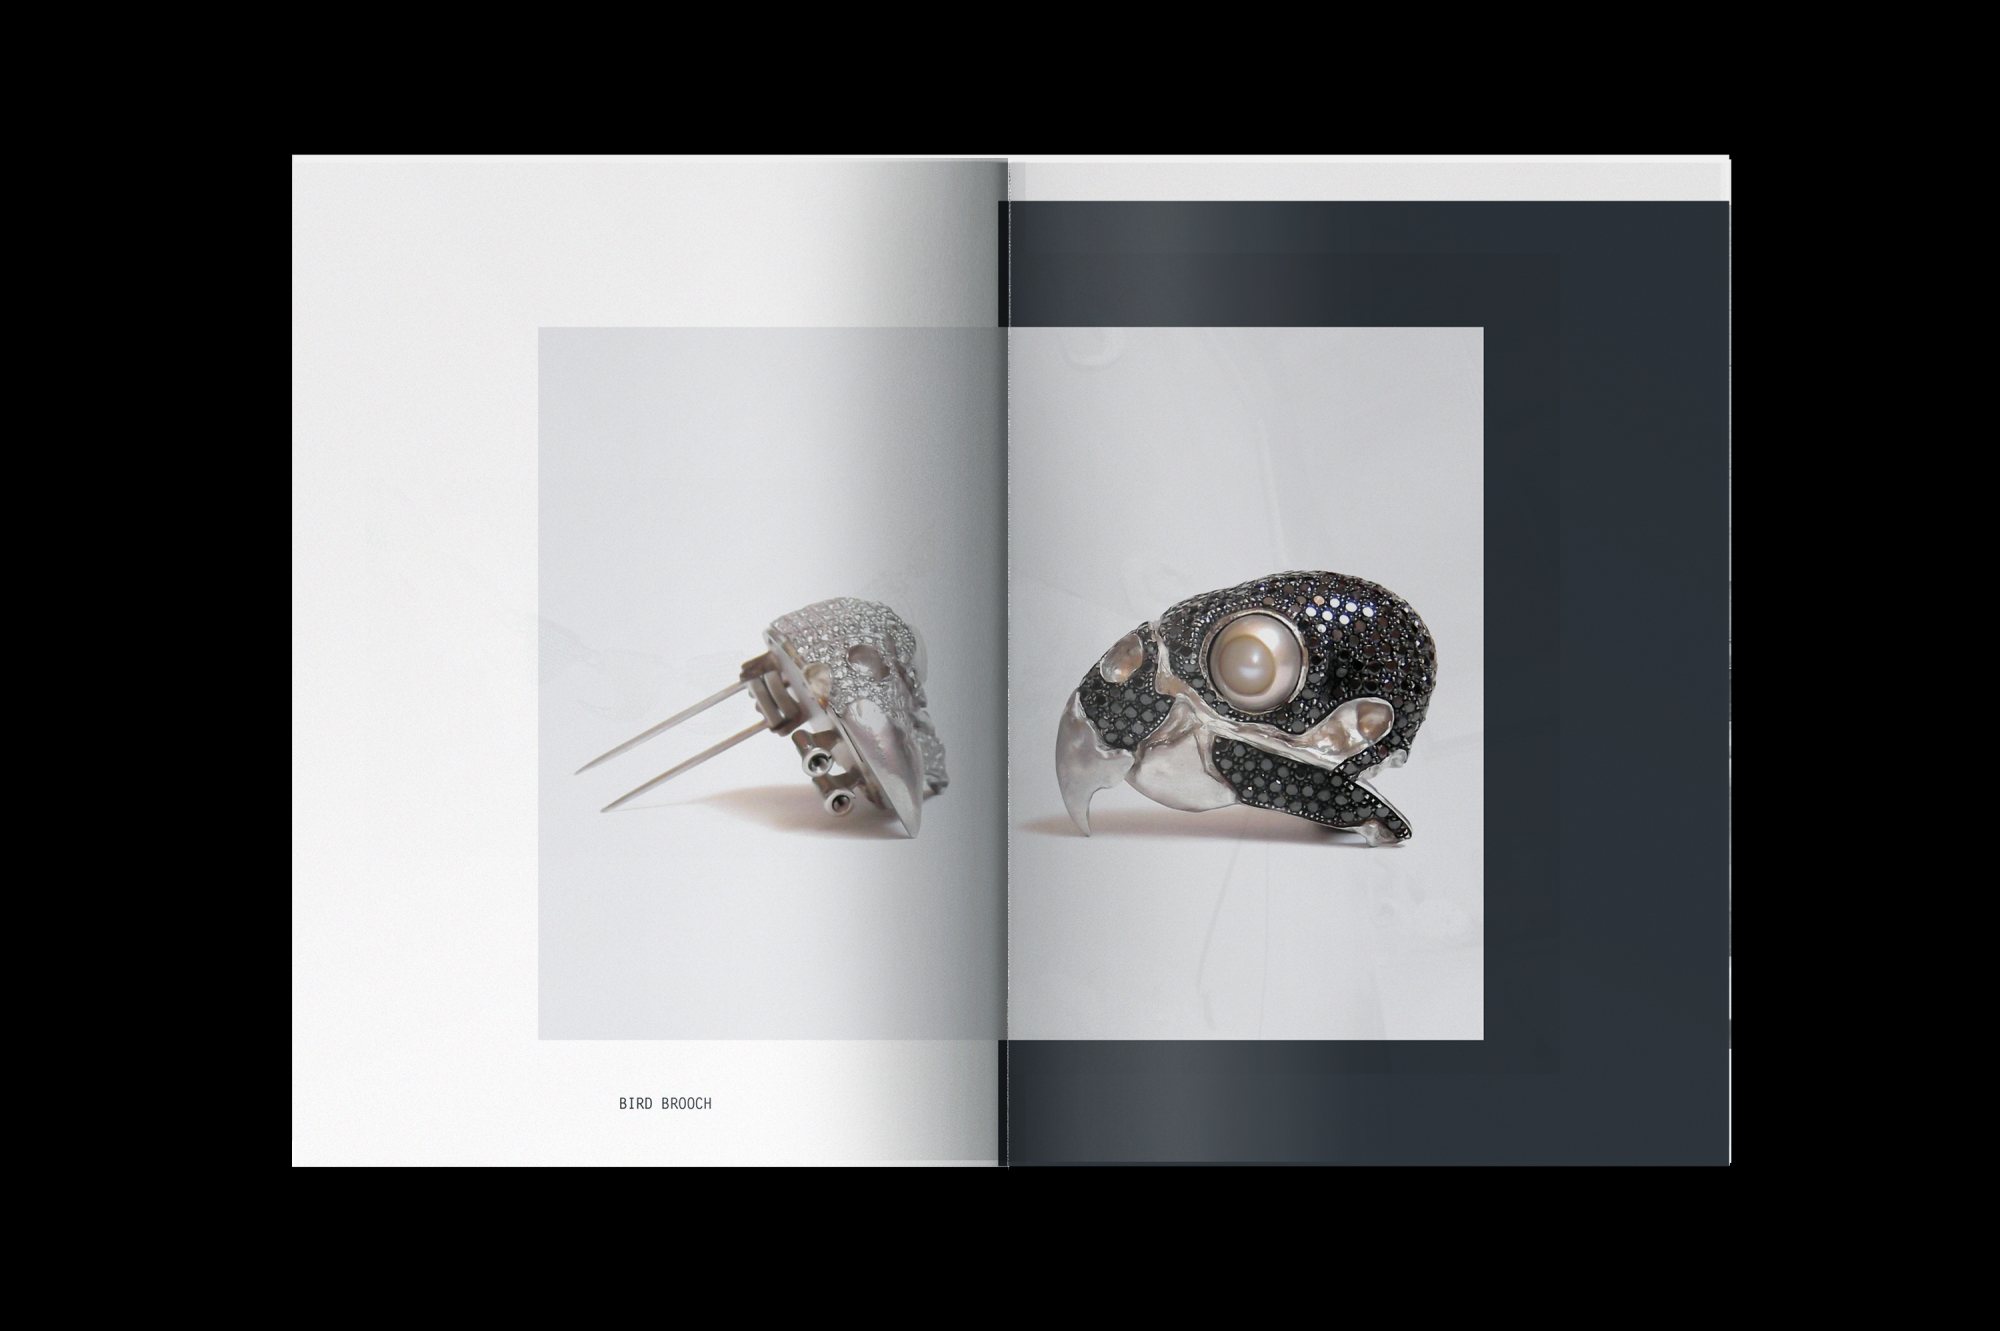 Graphisme Geneve graphic design graphique direction artistiquelayout mise en page édition look-book florid dupont design bijou contemporain contemporary jewelry